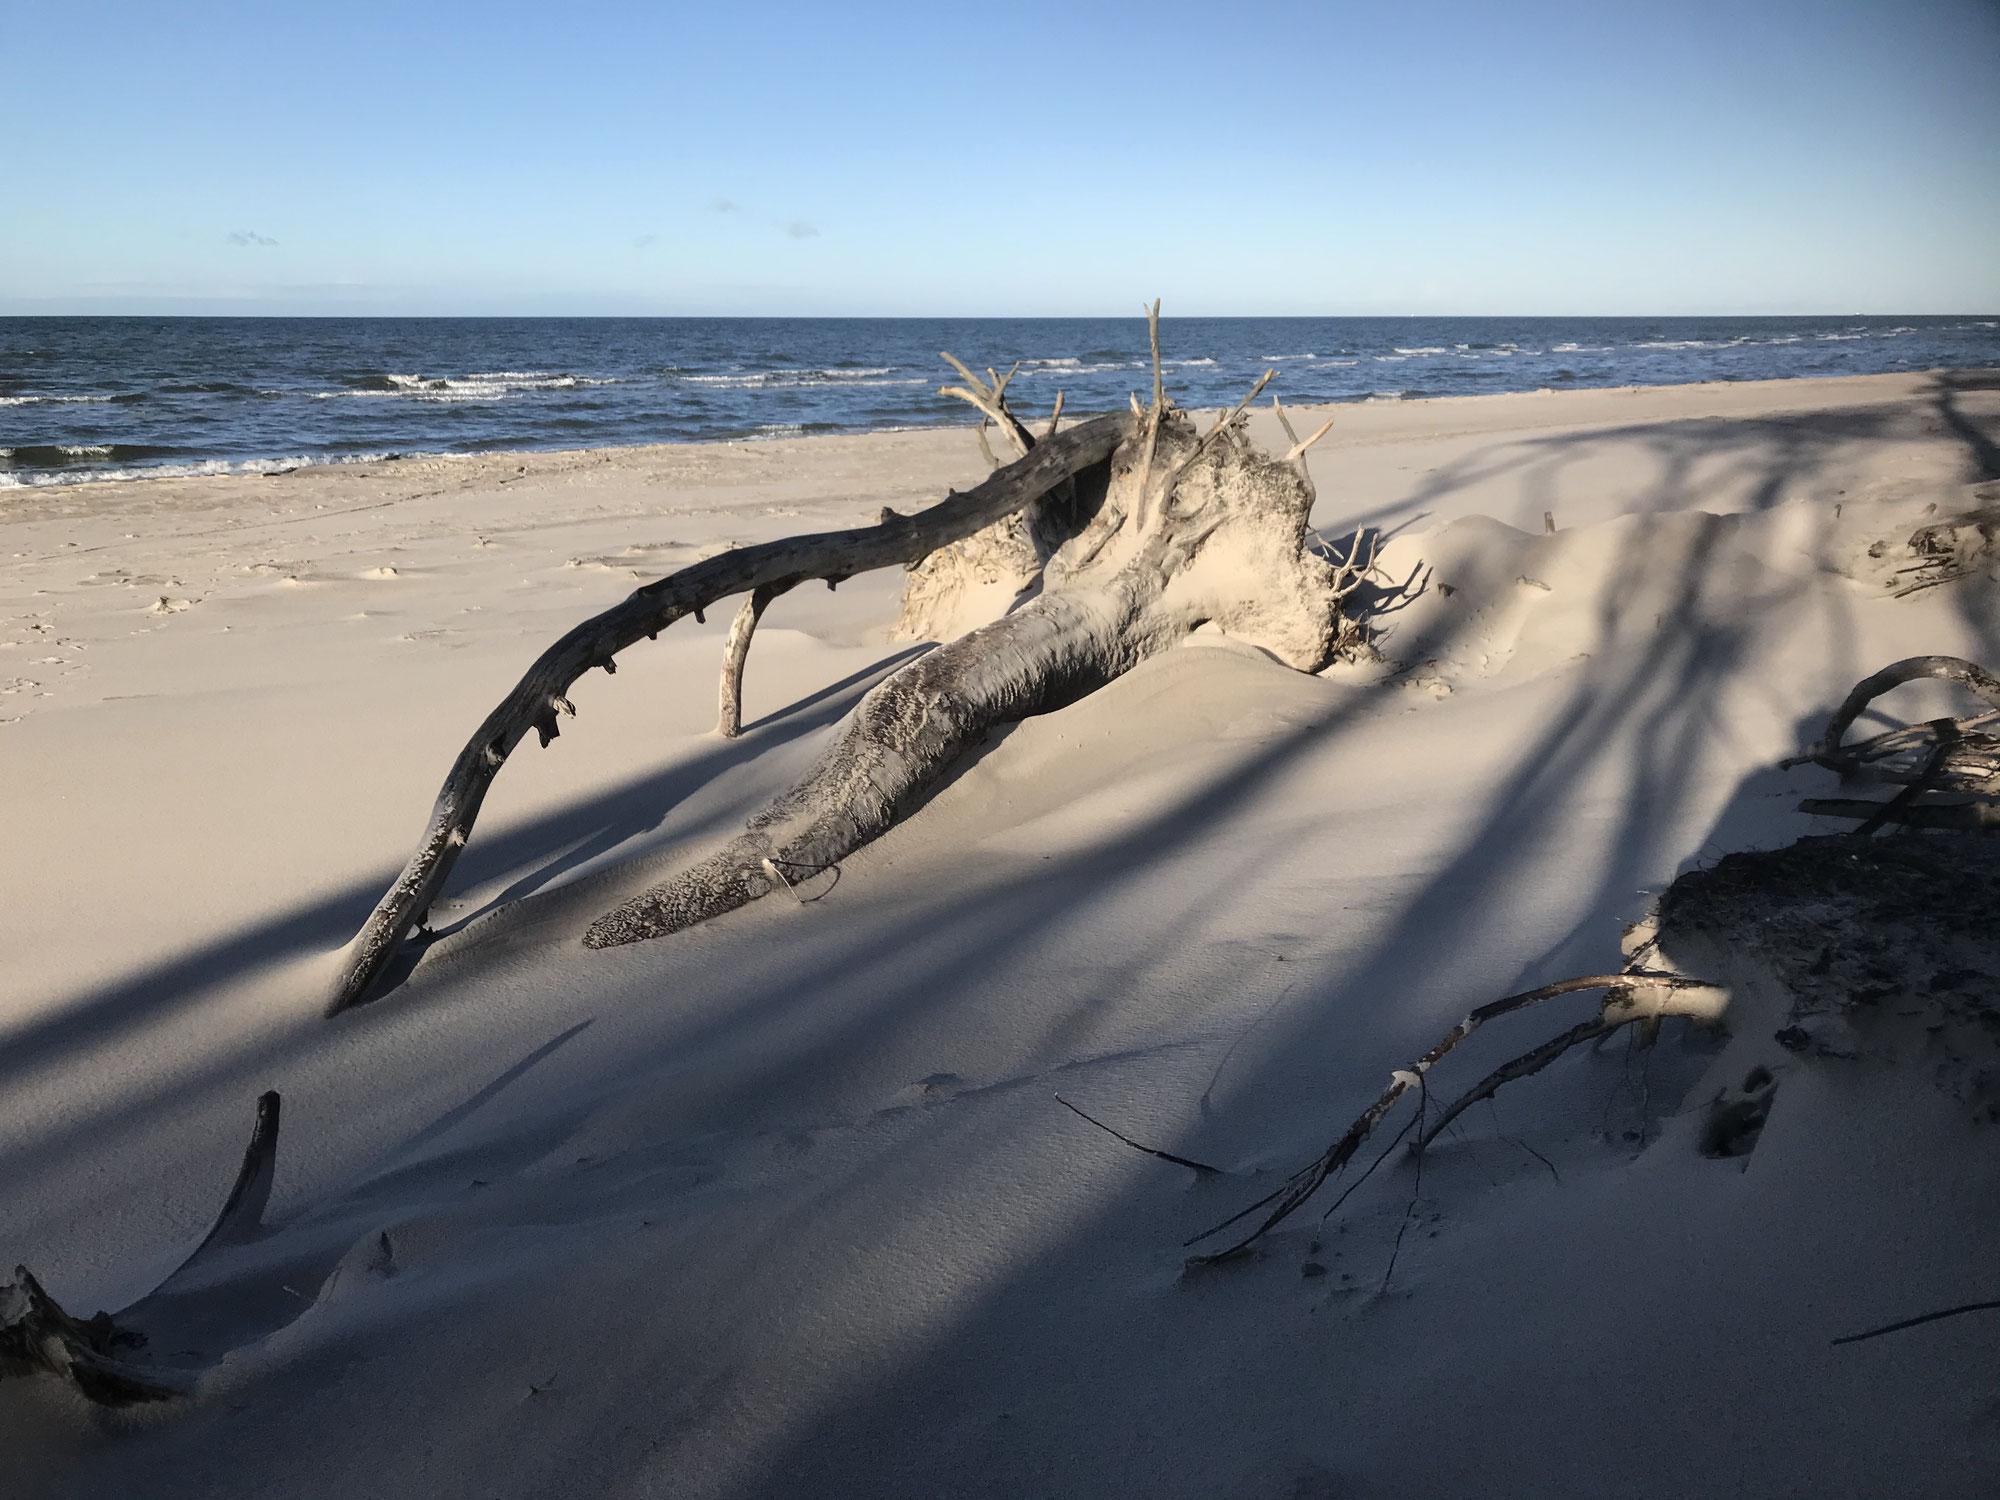 Mein Schreibplatz am Meer mit Sand eingeweht und sonstige Mondlandschaften